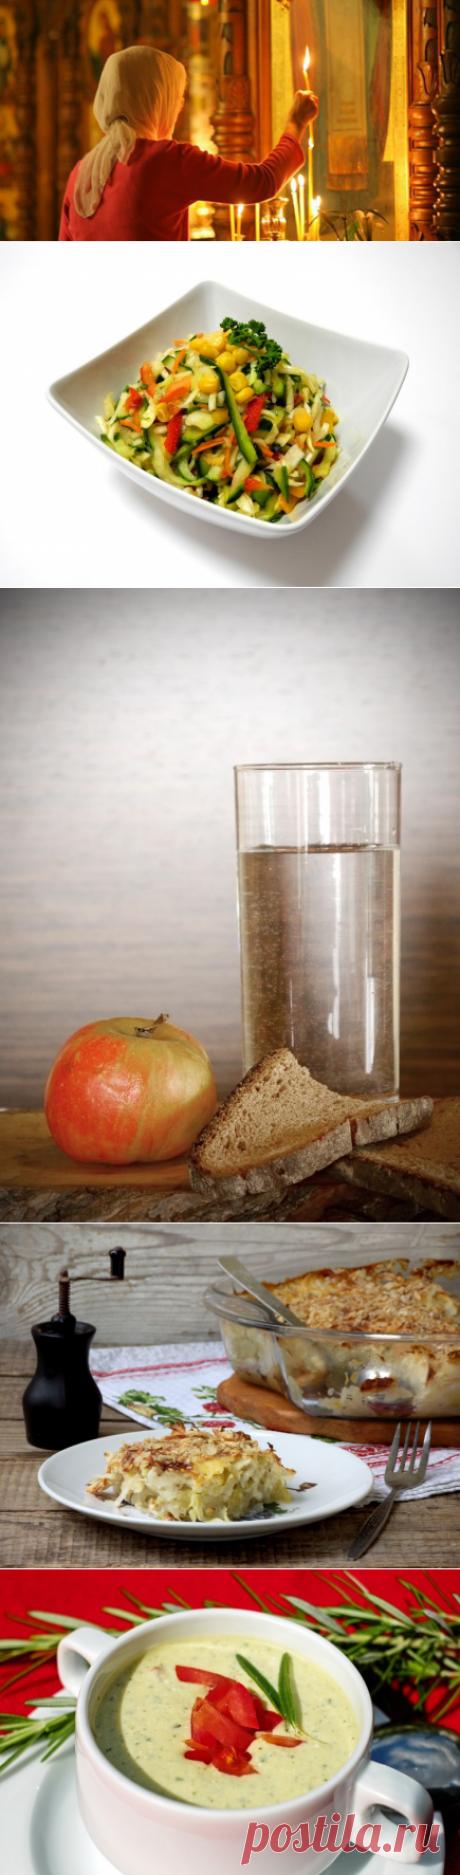 Как правильно поститься в Страстную неделю Великого Поста? | Еда и кулинария